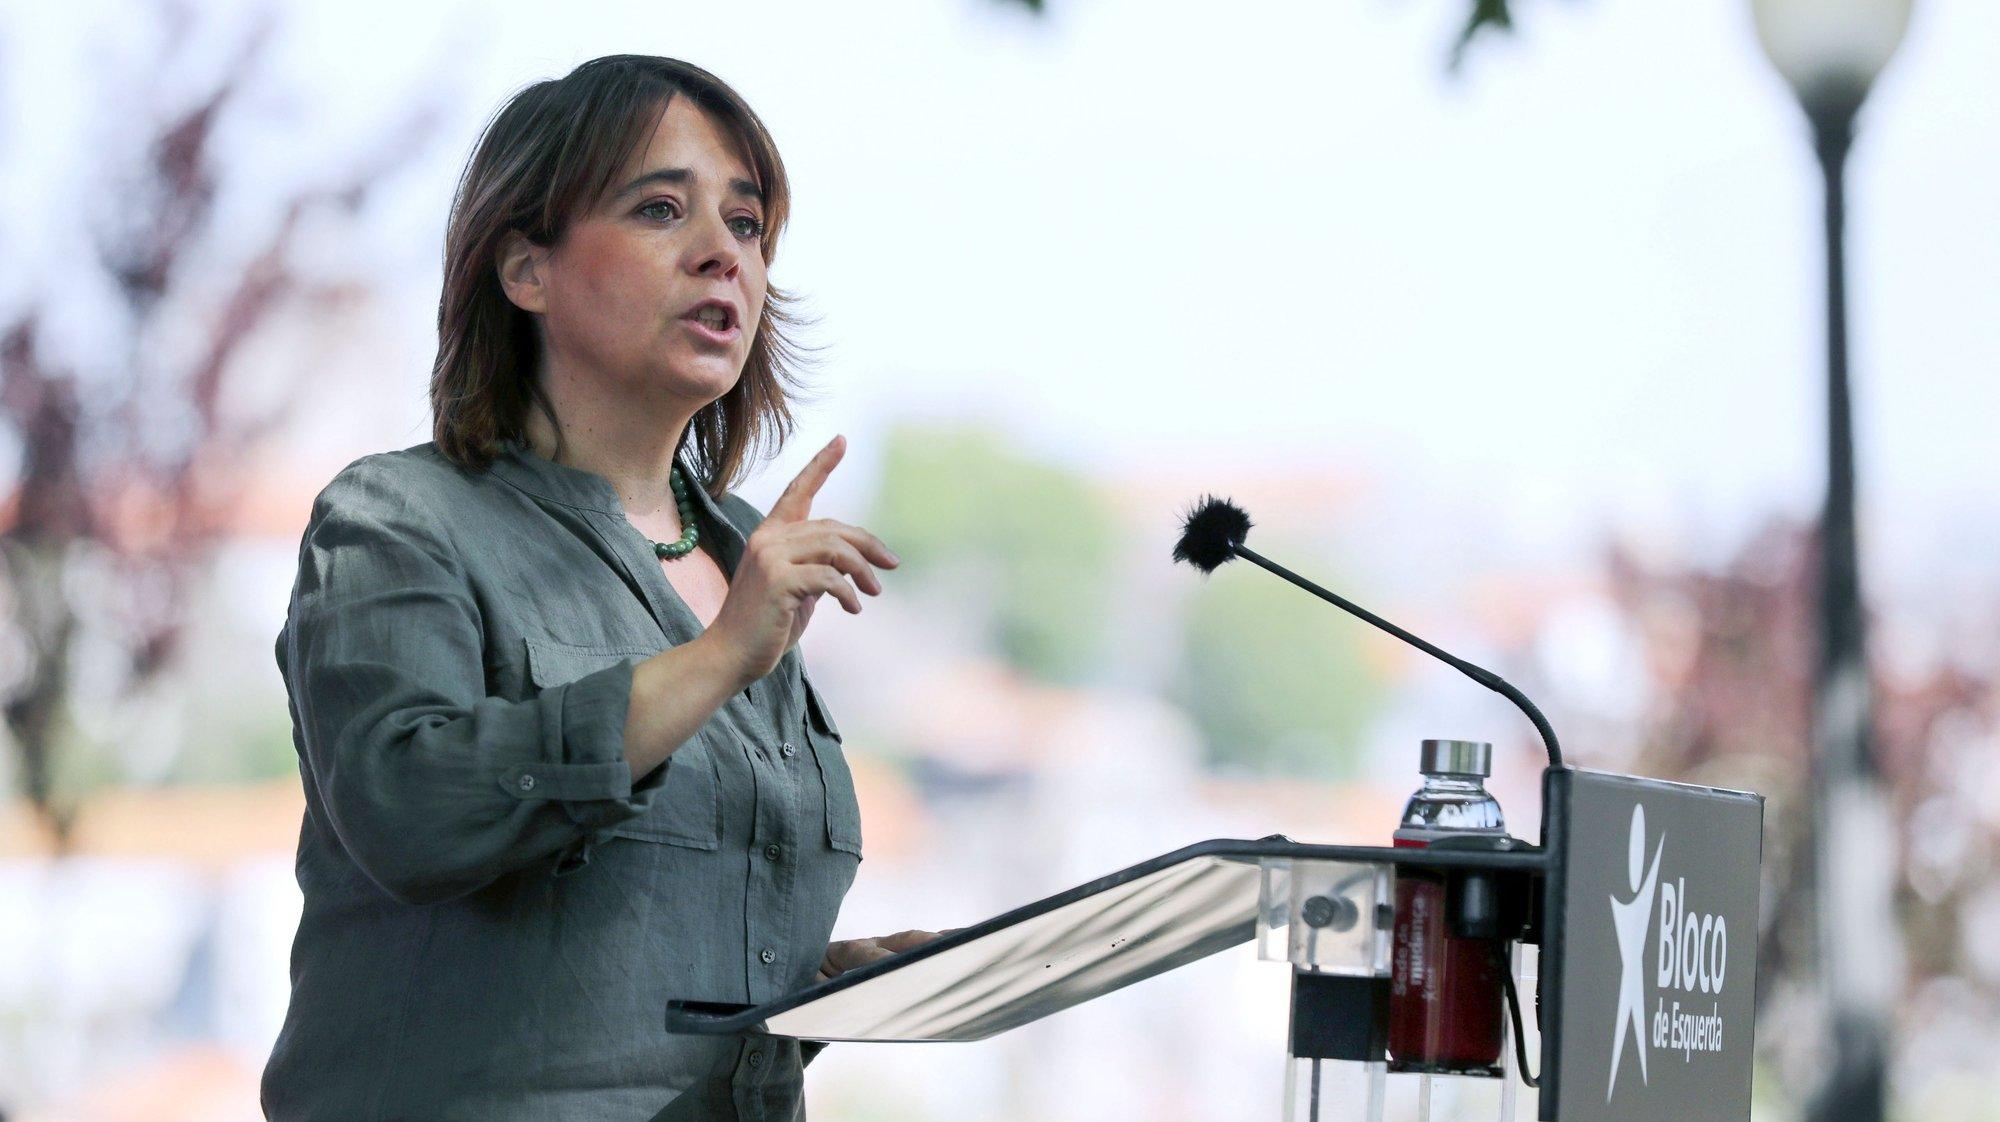 A coordenadora do Bloco de Esquerda, Catarina Martins, discursa  durante a apresentação de Luís Monteiro como candidato à Câmara Municipal de Vila Nova de Gaia, 18 abril 2021. ESTELA SILVA/LUSA